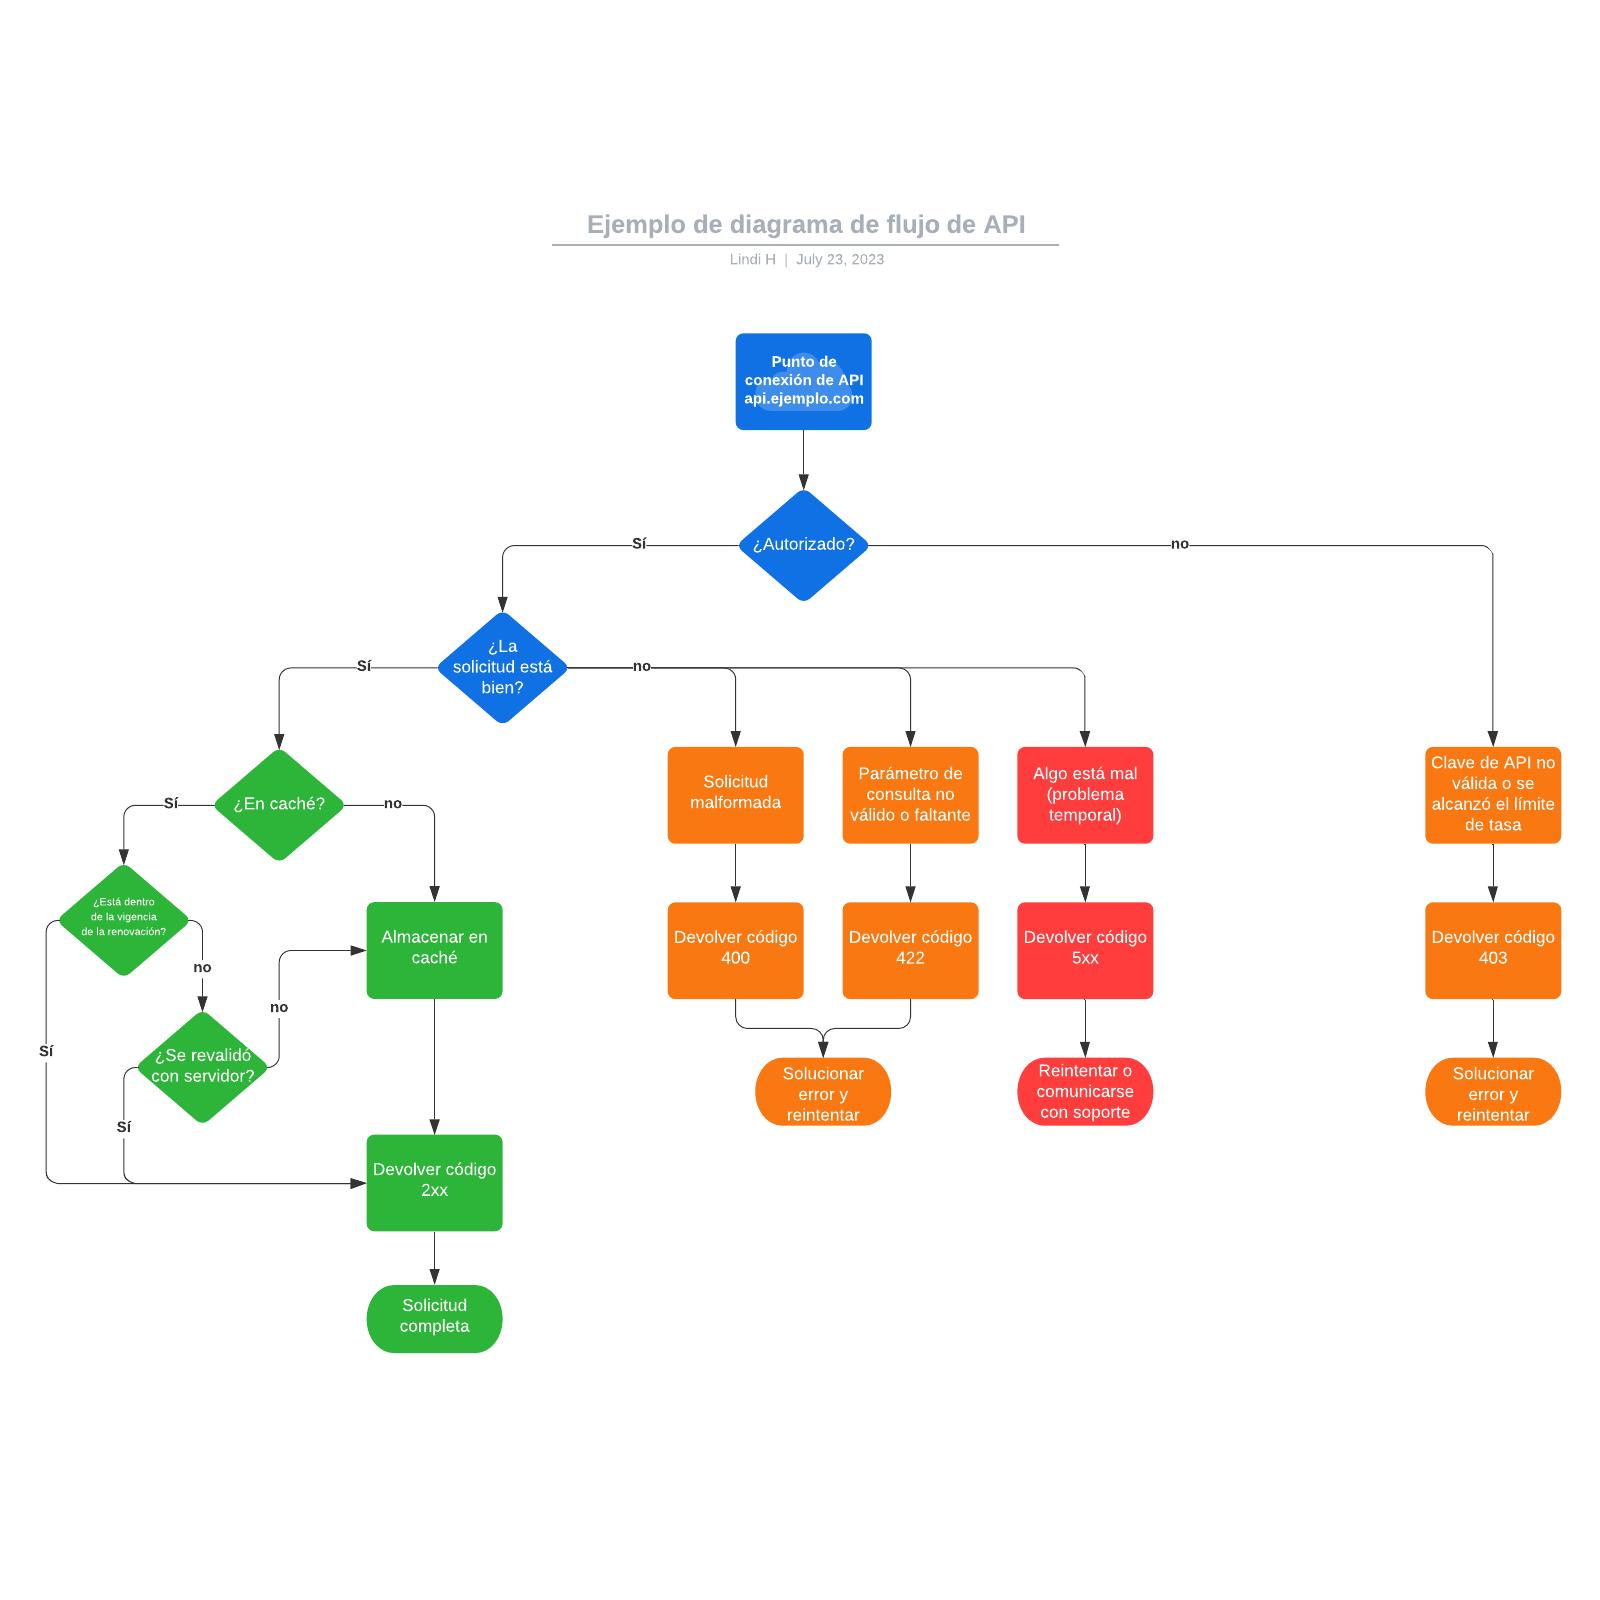 Ejemplo de diagrama de flujo de API